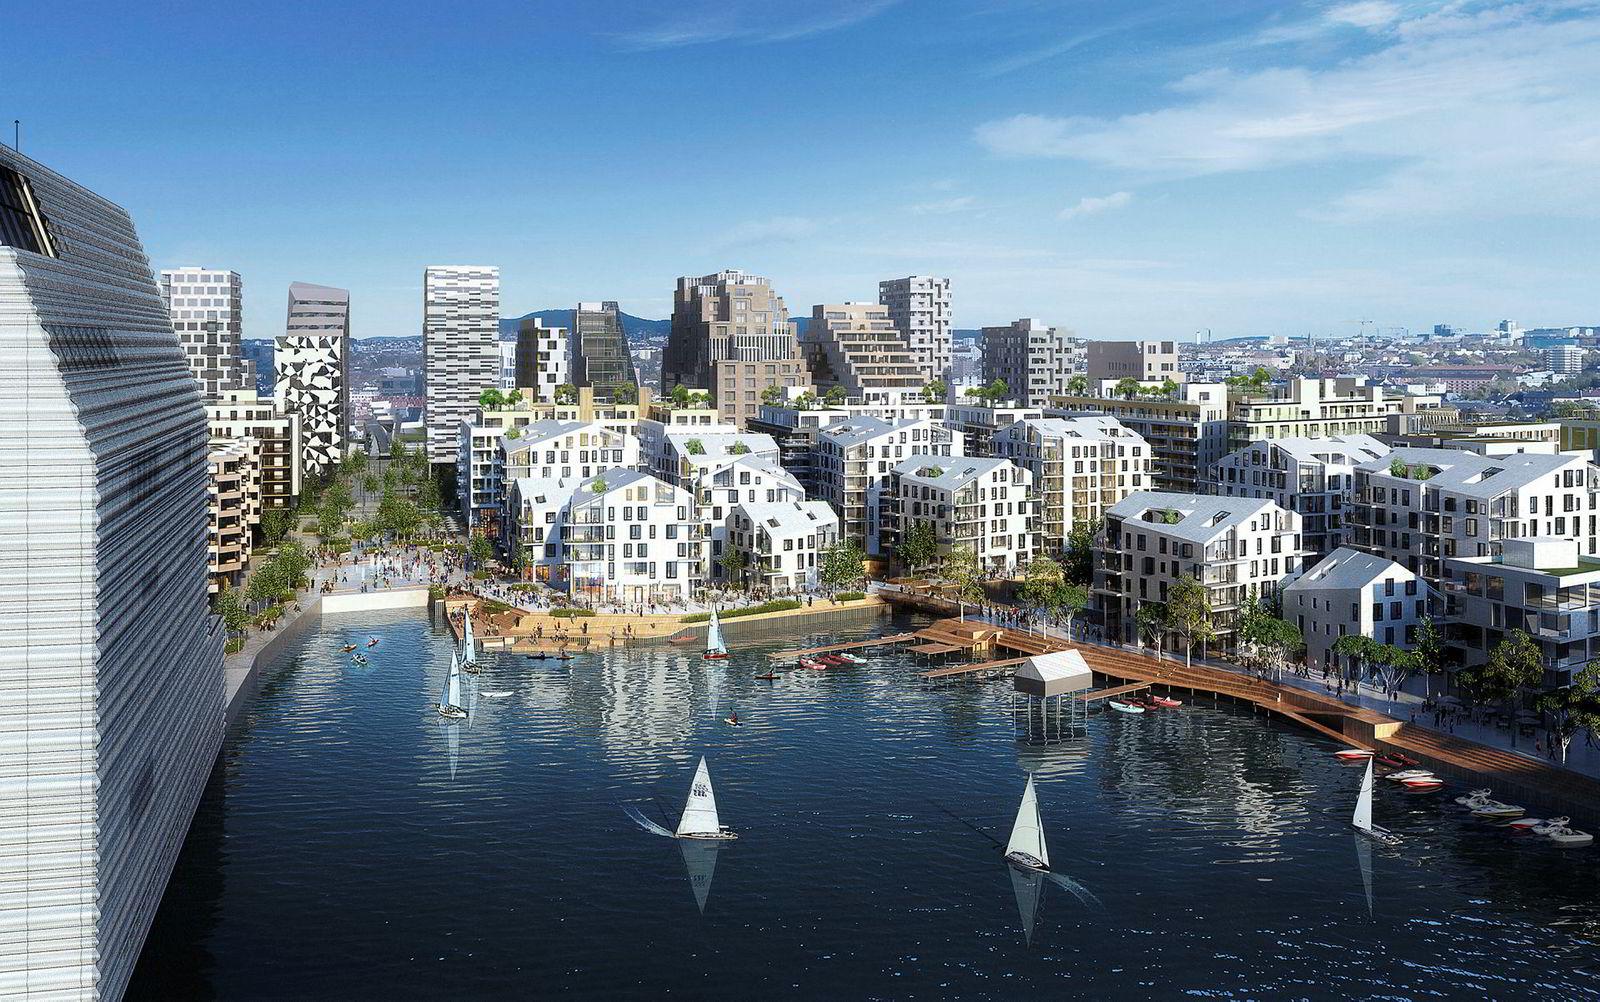 Flere av leilighetene i prosjektet Vannkunsten i Bjørvika har direkte adgang til sjøen fra vannkanten fra balkongen, og har ifølge prospektet egen kajakkplass på trappen. Toppleilighetene på 140 kvadratmeter er priset til 24 millioner kroner.